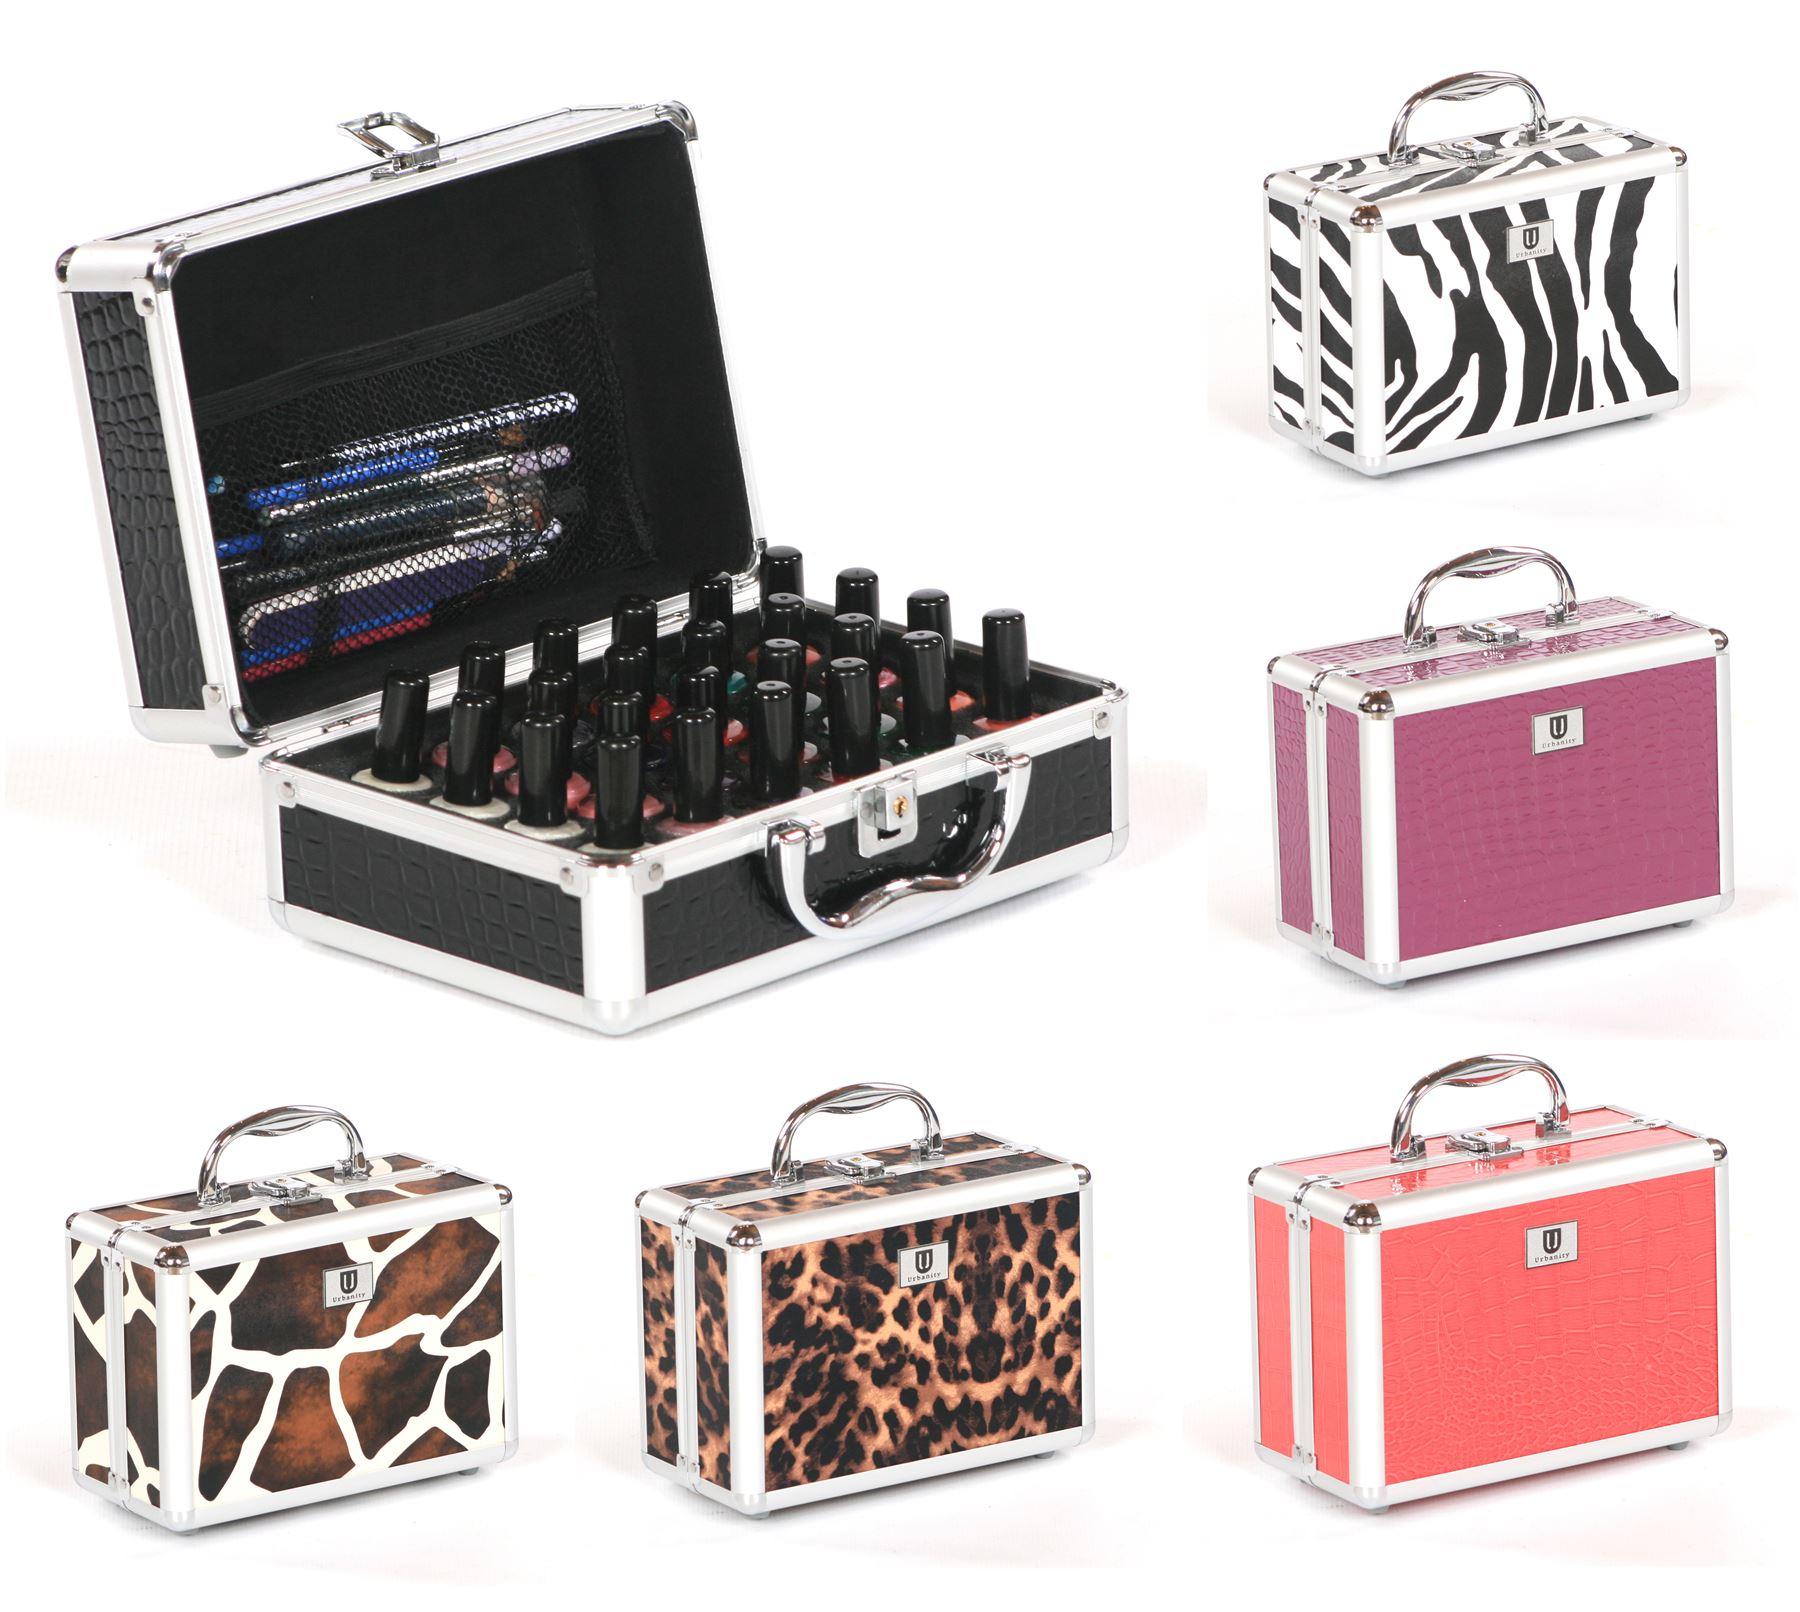 URBANITY Esmalte de uñas Laca TECH cosmética belleza maquillaje ...